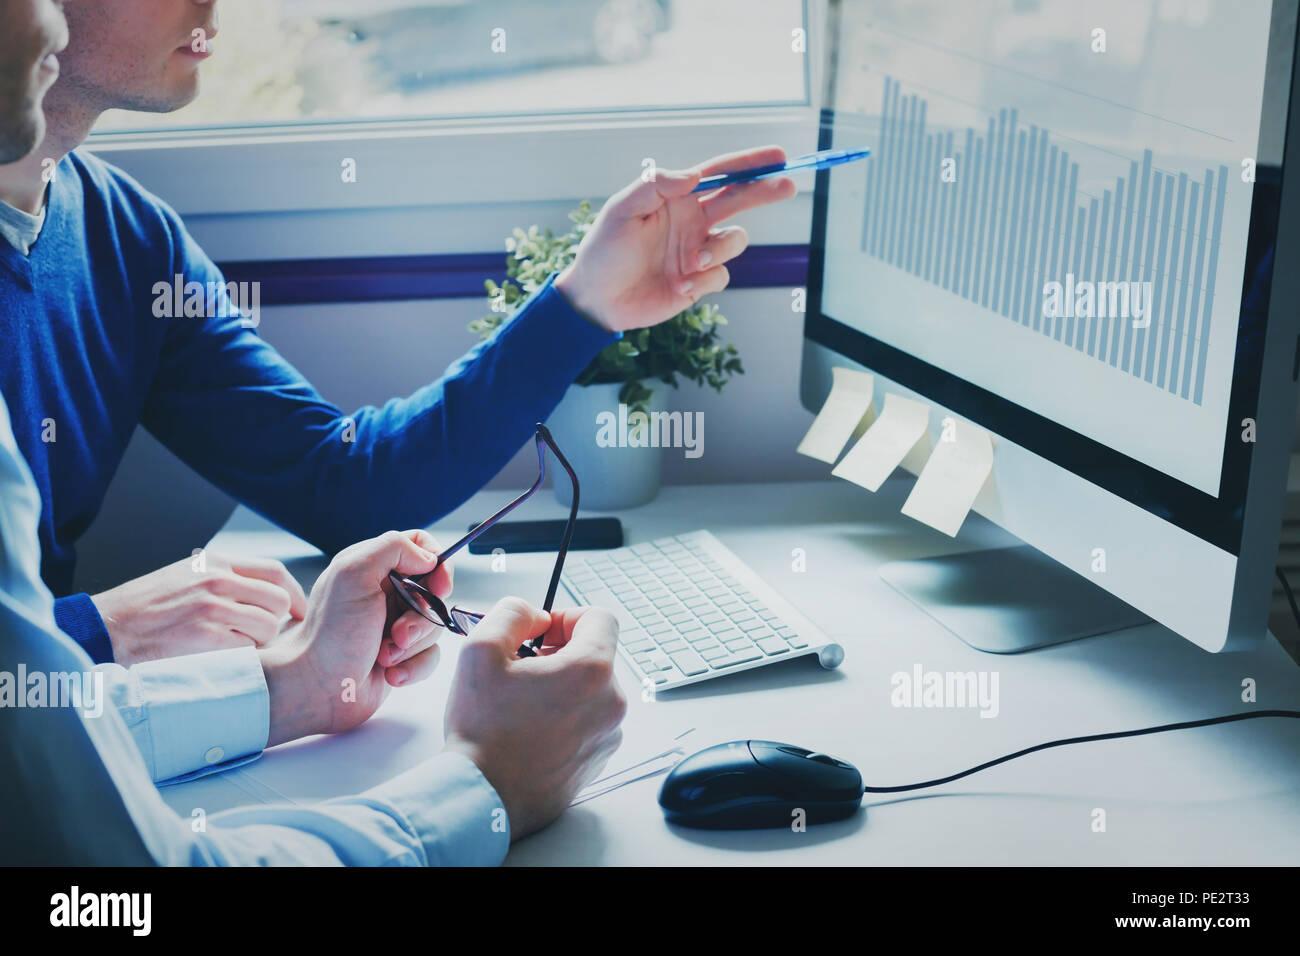 Groupe de jeunes gens d'affaires collaborateurs à ensemble à ordinateur, équipe travaillant sur de nouveaux projet de démarrage dans un bureau moderne, concept de réflexion Photo Stock